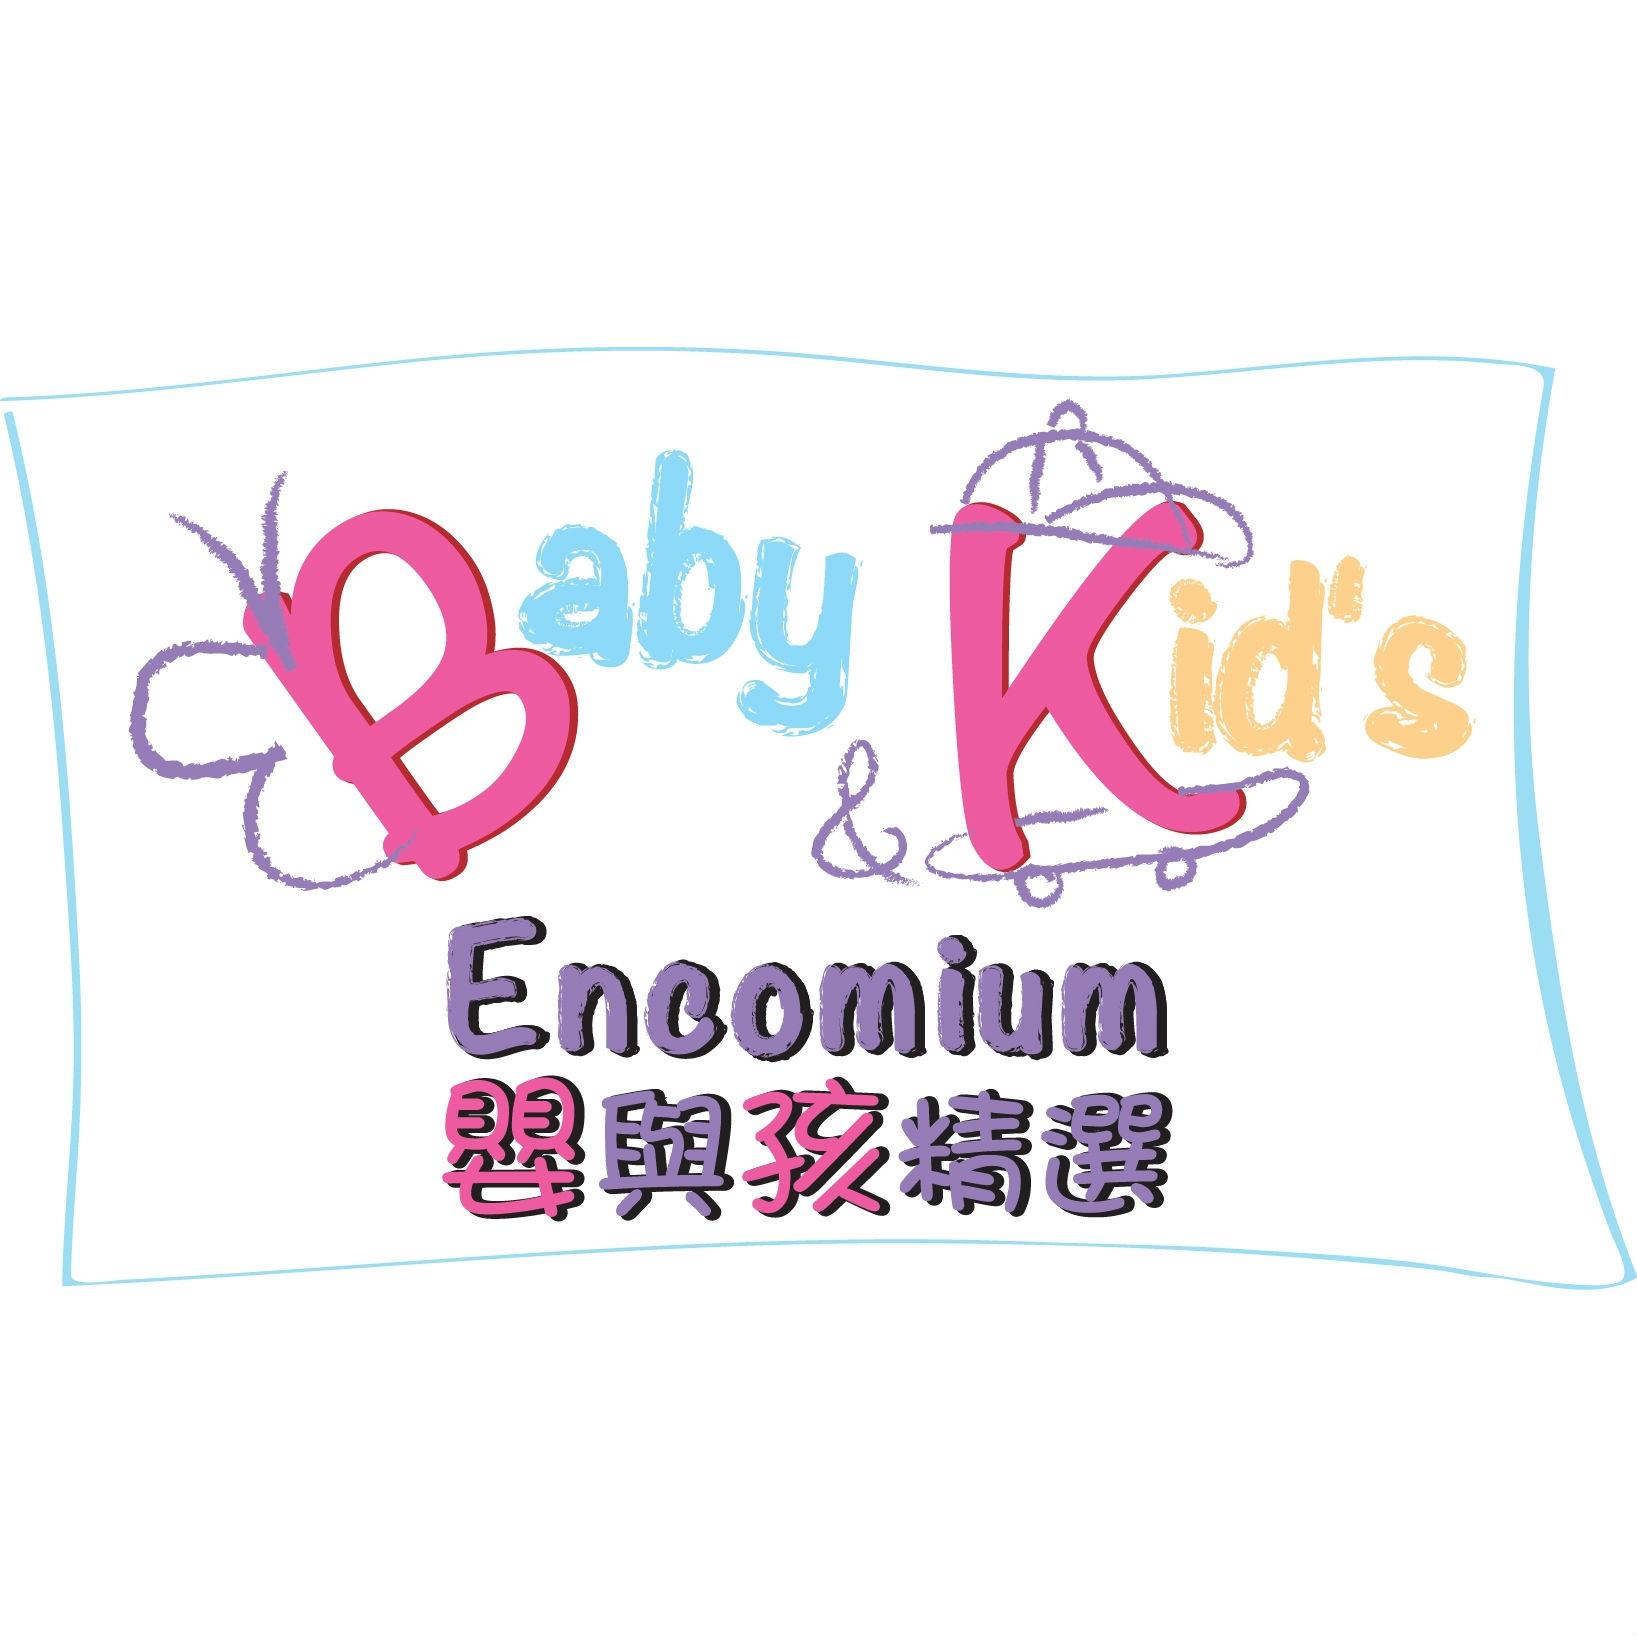 babykids-logo.jpg